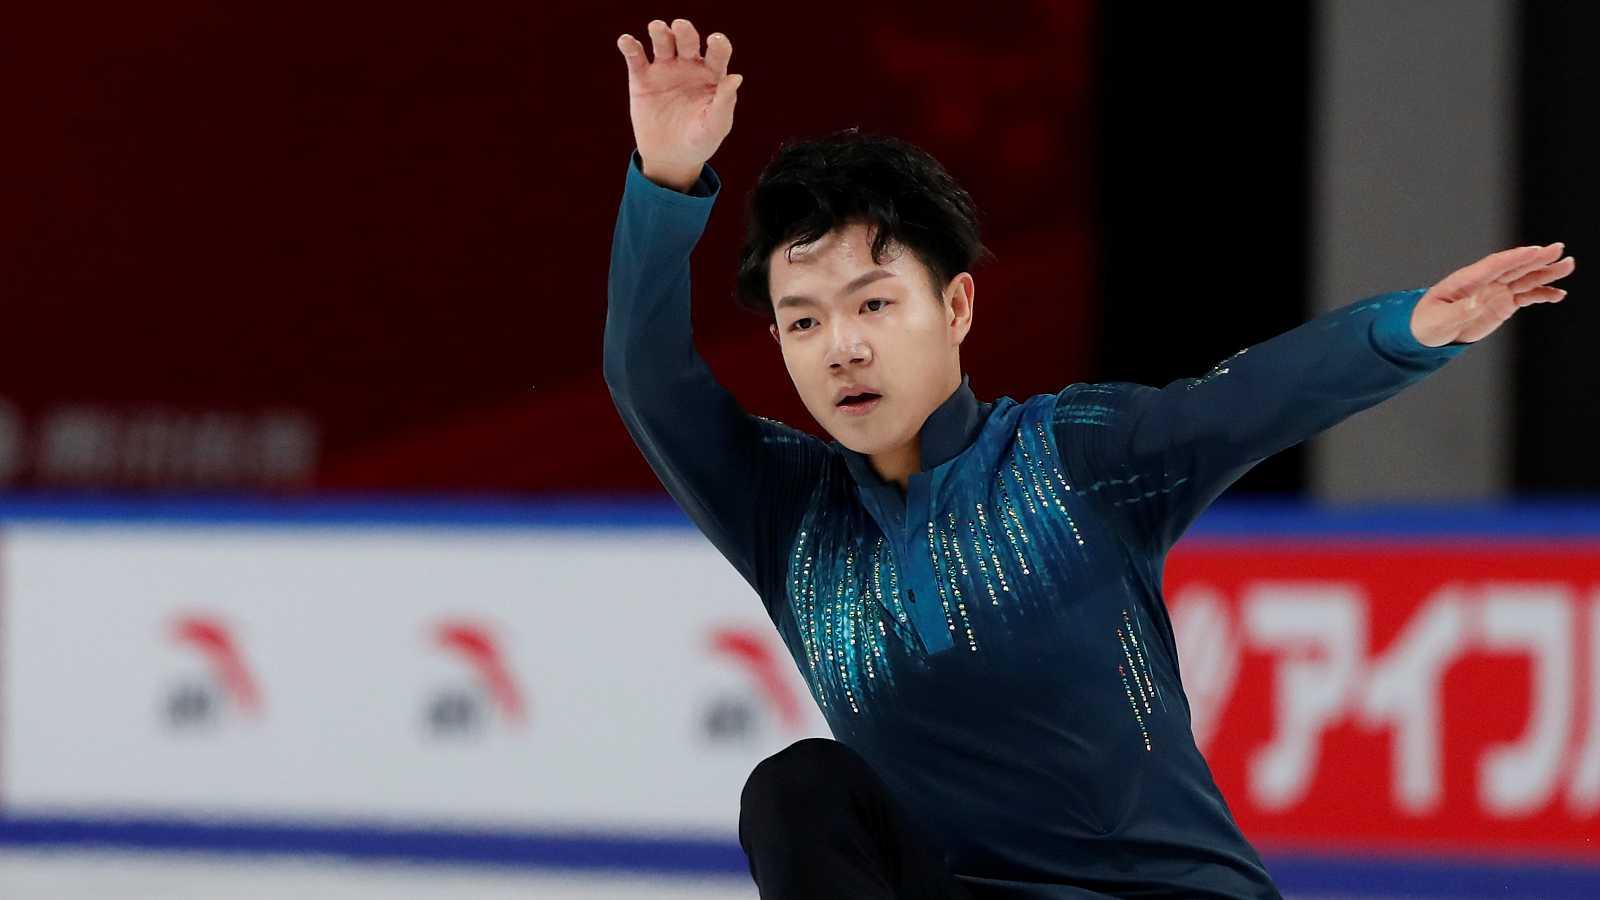 Patinaje artístico - Grand Prix Copa de China. Programa libre masculino - ver ahora